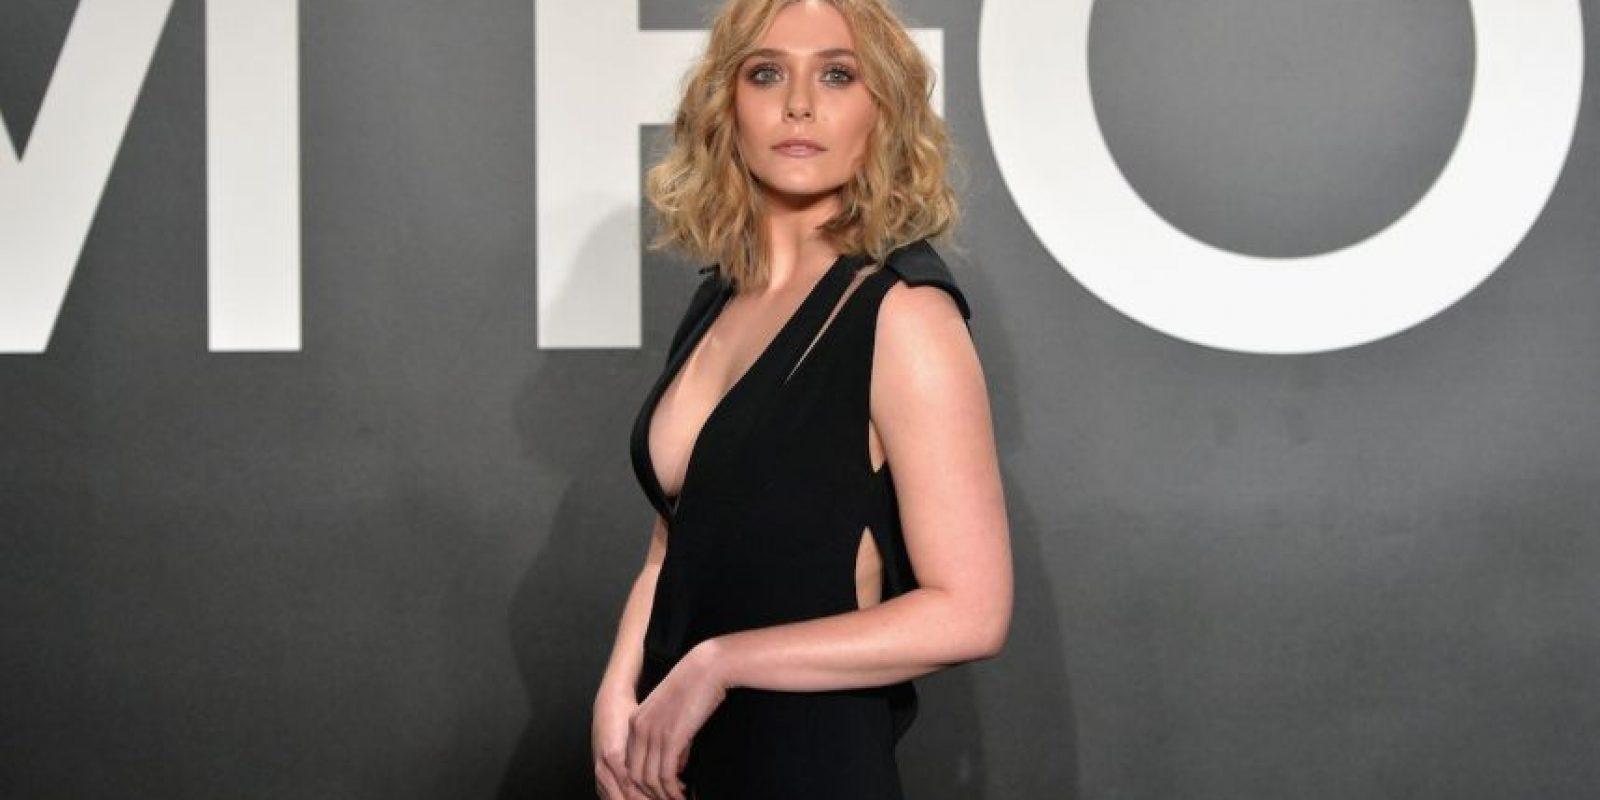 """Participó en cintas como """"Godzilla"""", """"Oldboy"""" y """"Very Good Girls"""", pero su papel como """"Bruja Escarlata"""" se ha convertido en el más popular de su carrera. Foto:Getty Images"""